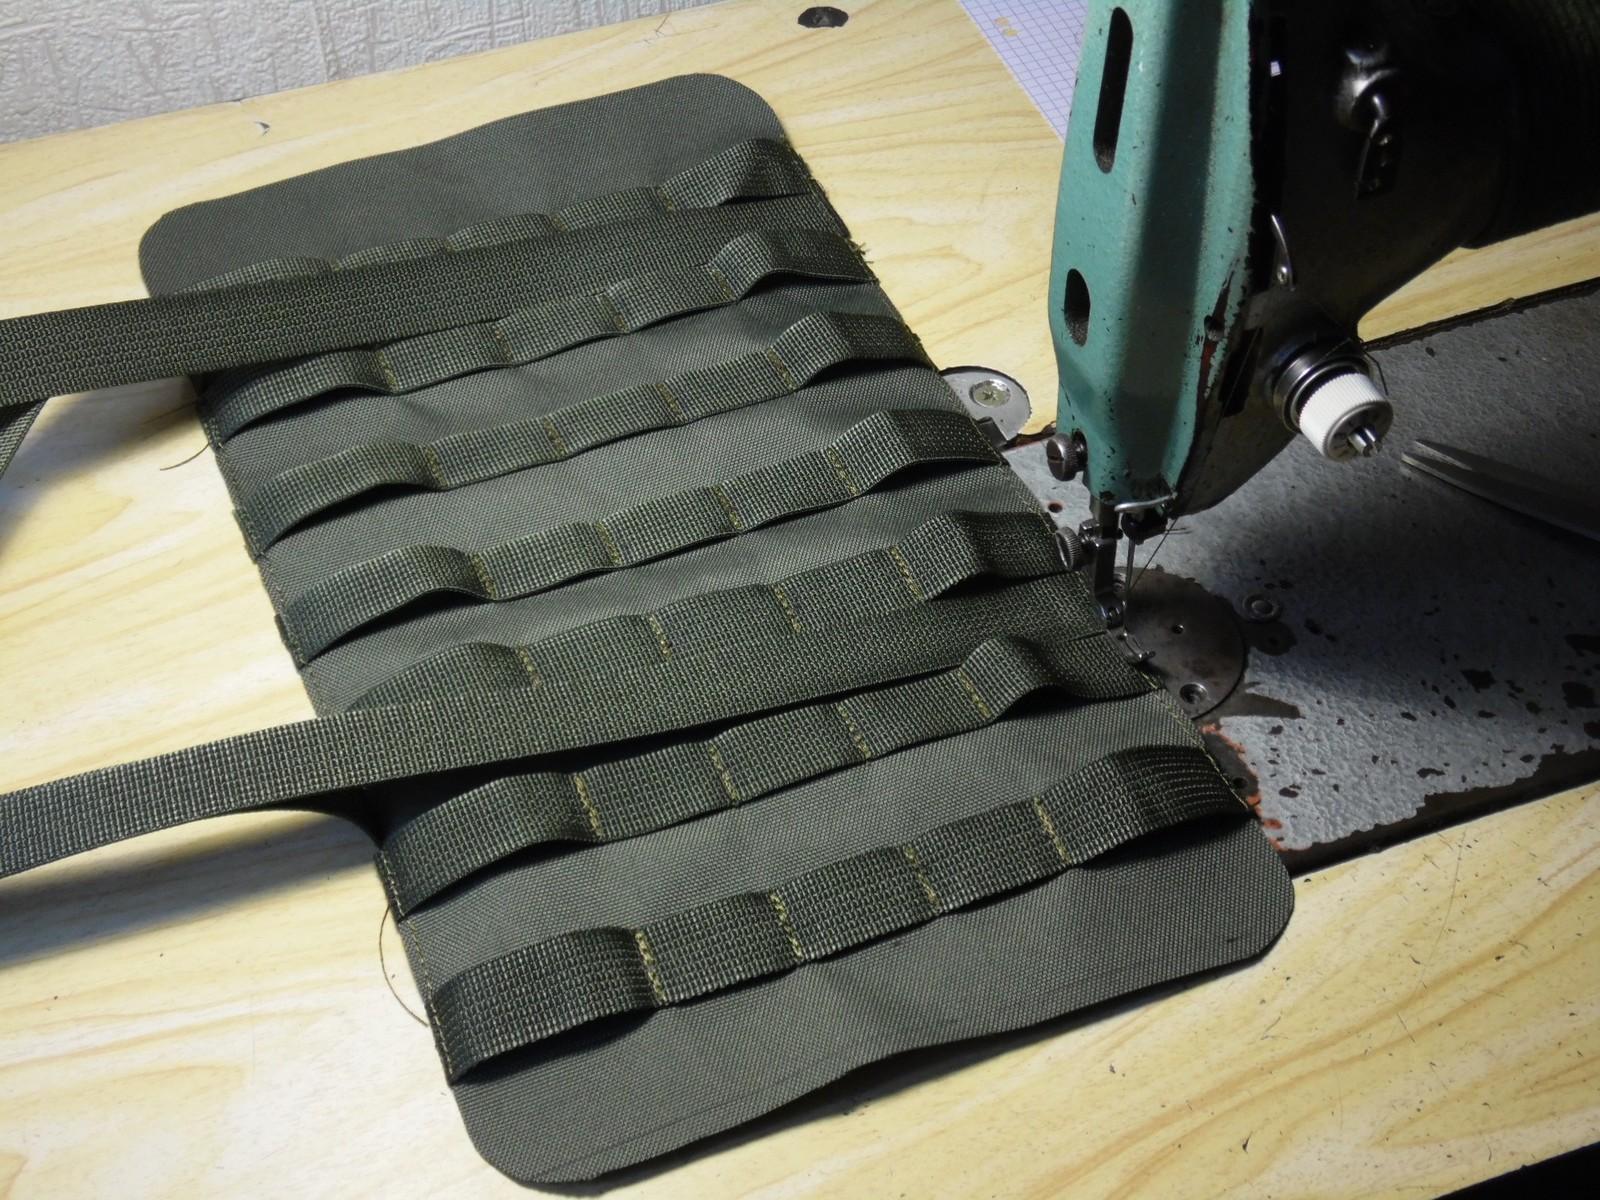 Штурмовой рюкзак своими руками итоге, лямки, когда, стропы, чтобы, можно, детали, выглядит, лучше, ткань, потом, обычно, готовишь, рюкзака, molle, пришлось, таких, теперь, несколько, момент